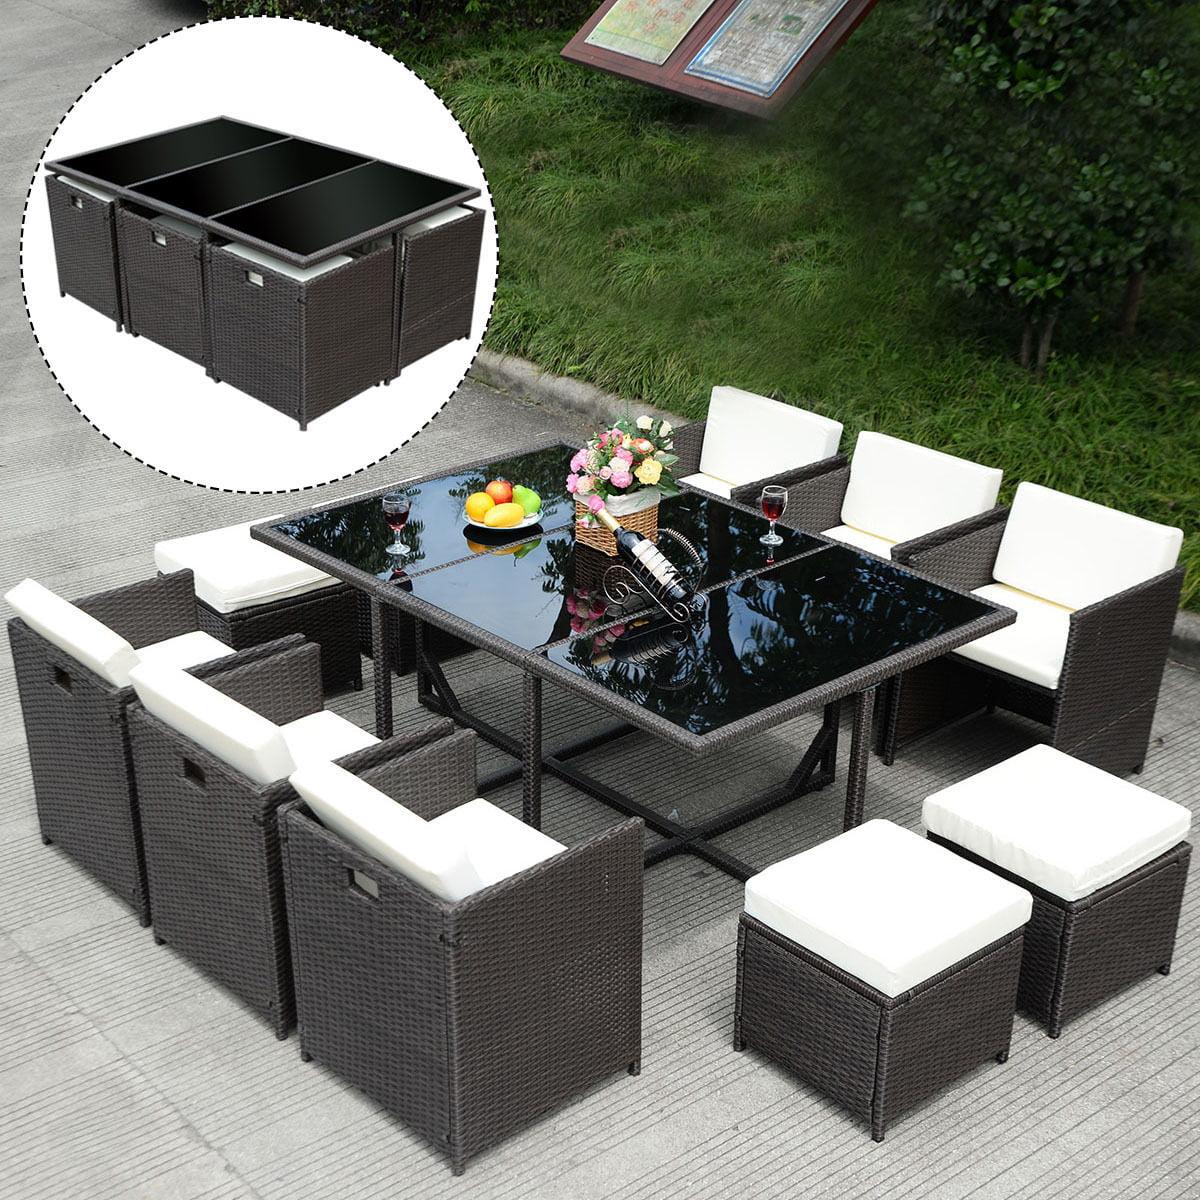 Costway 11 Pcs Outdoor Patio Dining Set Metal Rattan Wicker